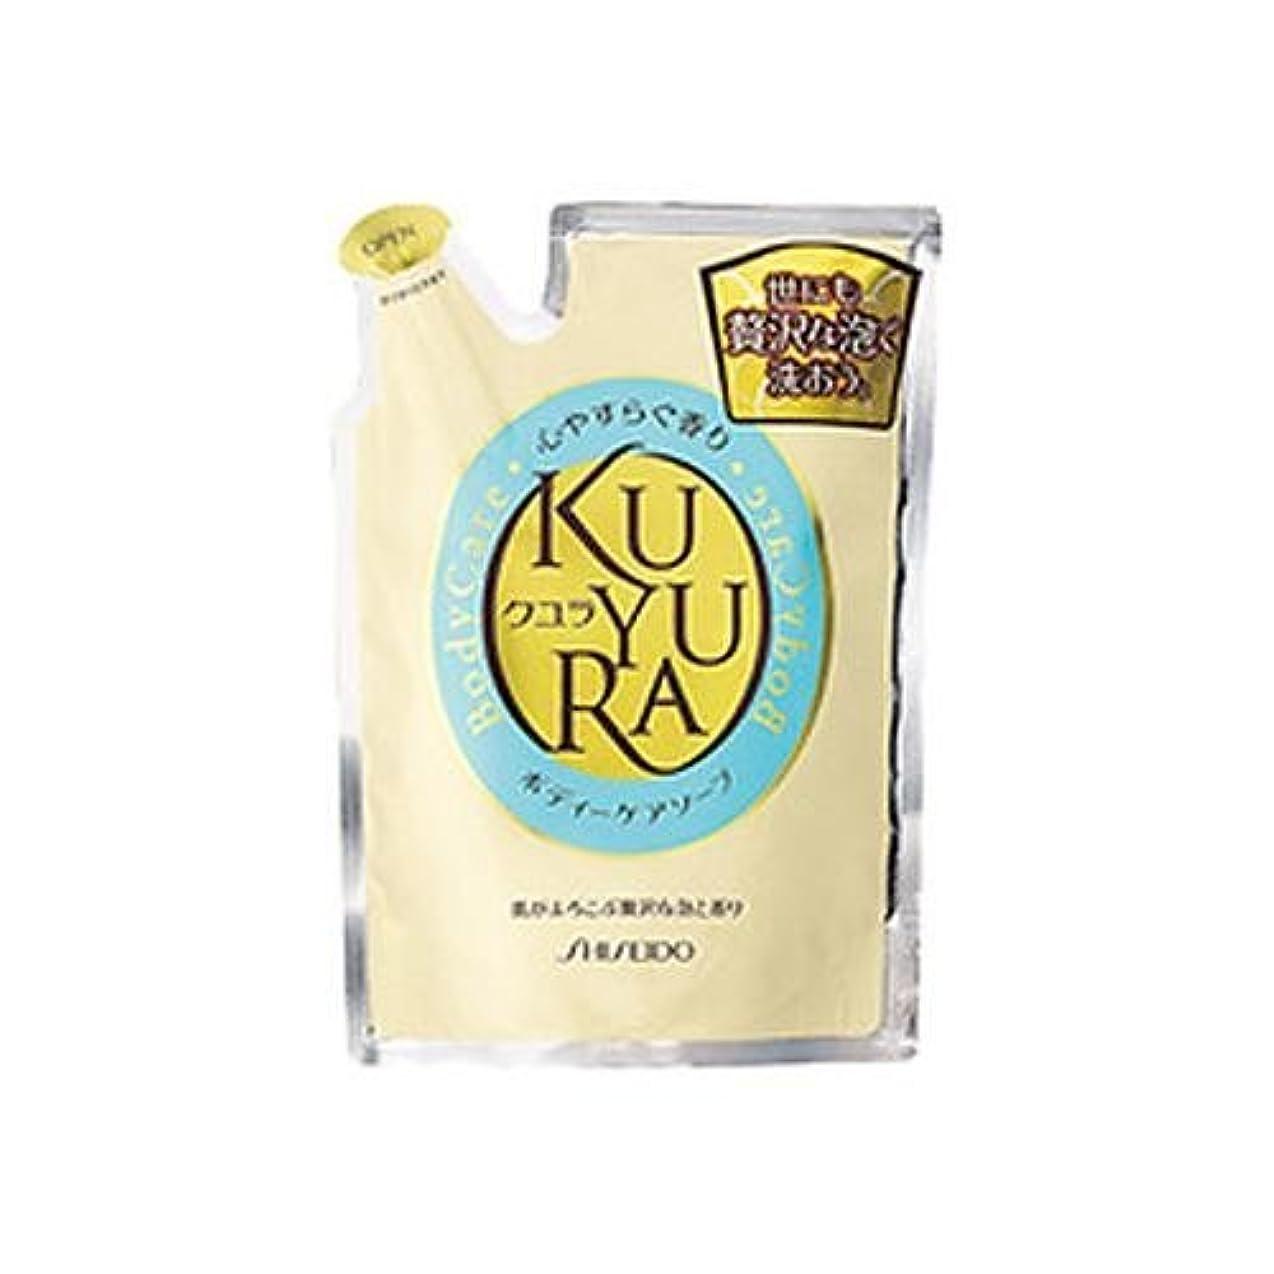 飛行機援助ジャム資生堂 クユラ ボディケアソープ 心やすらぐ香り つめかえ用400ml×18点セット (4901872836260)